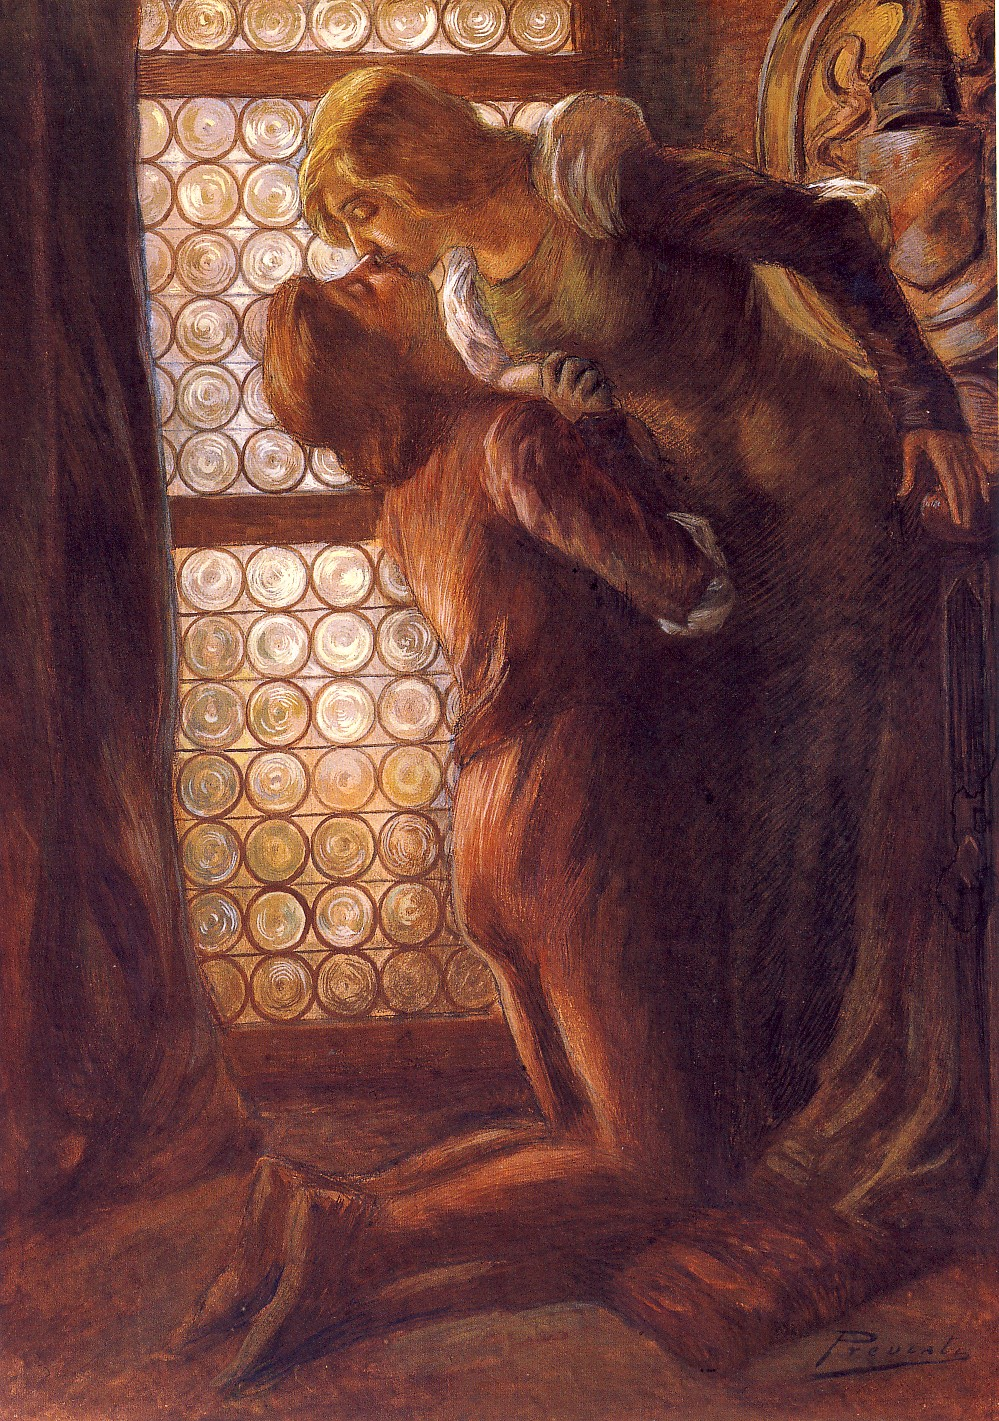 G. PREVIATI, Il bacio, 1889-1890 ca., tempera su cartoncino, cm 63,5 x 44, Milano, collezione privata